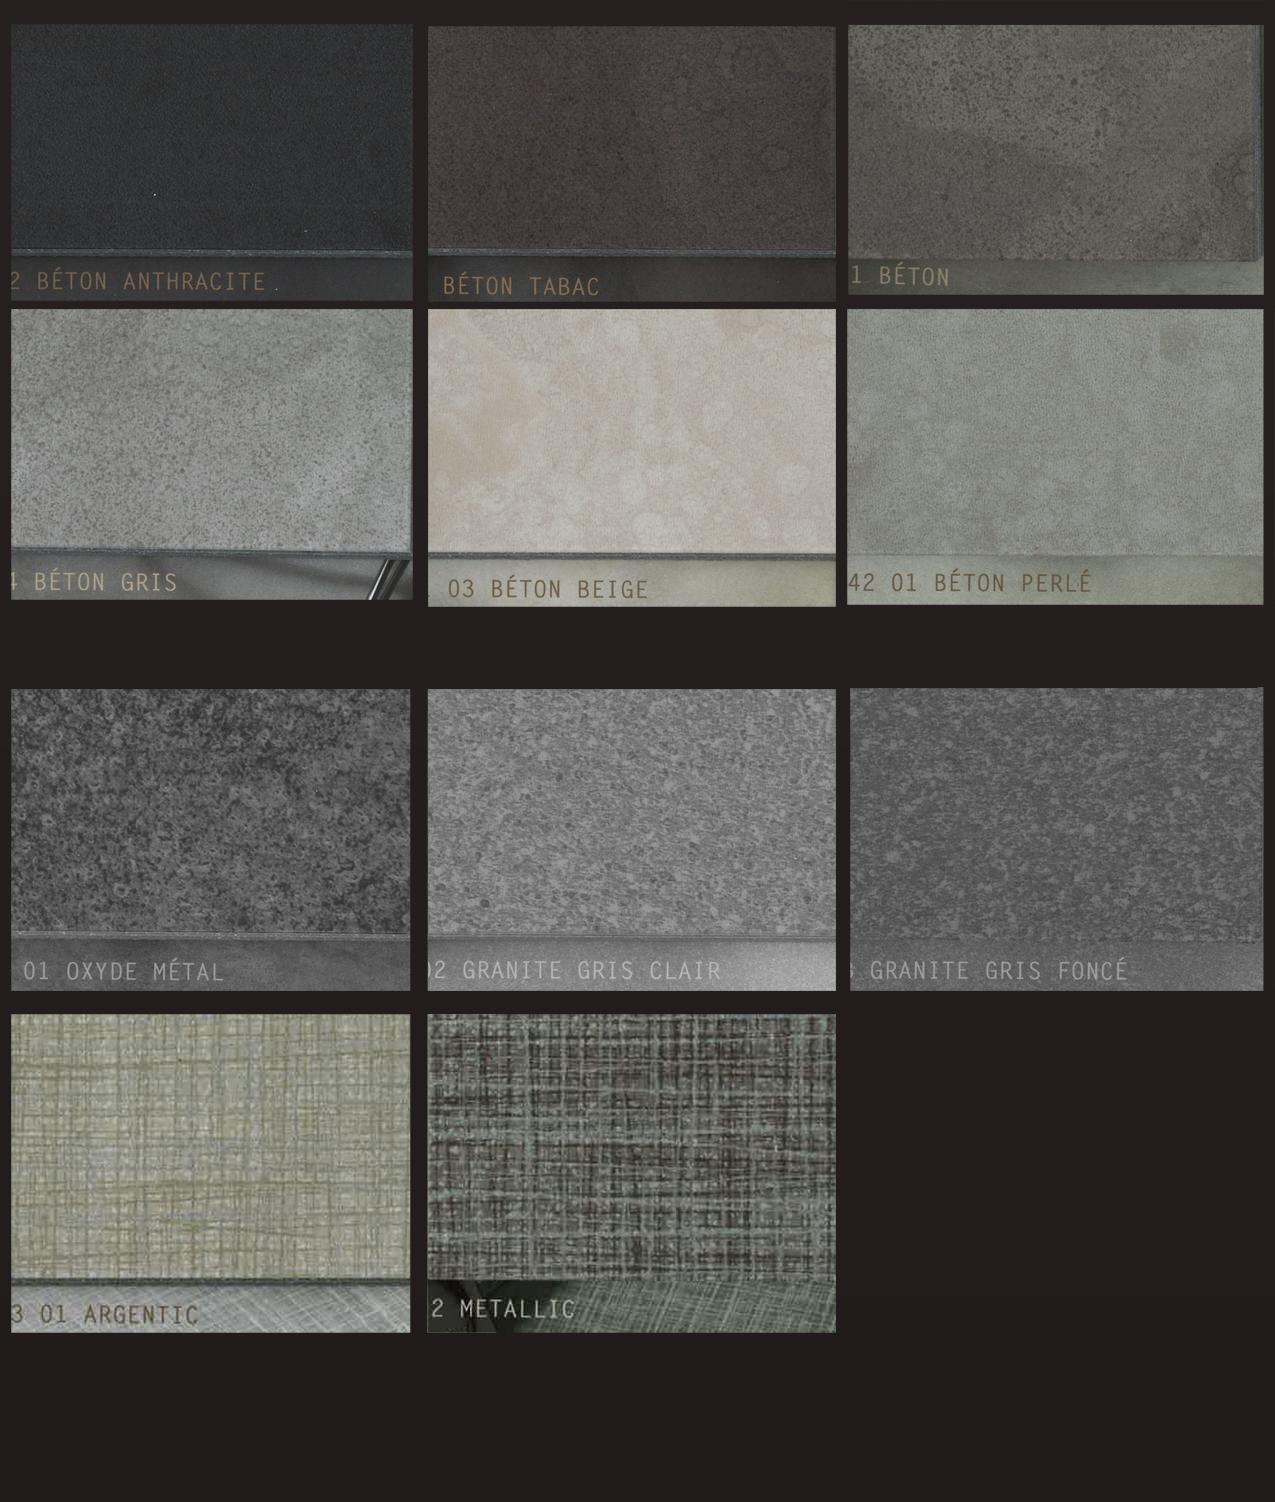 Les rev tements de sol lames ou dalles pvc espace for Lames pvc pour plafond